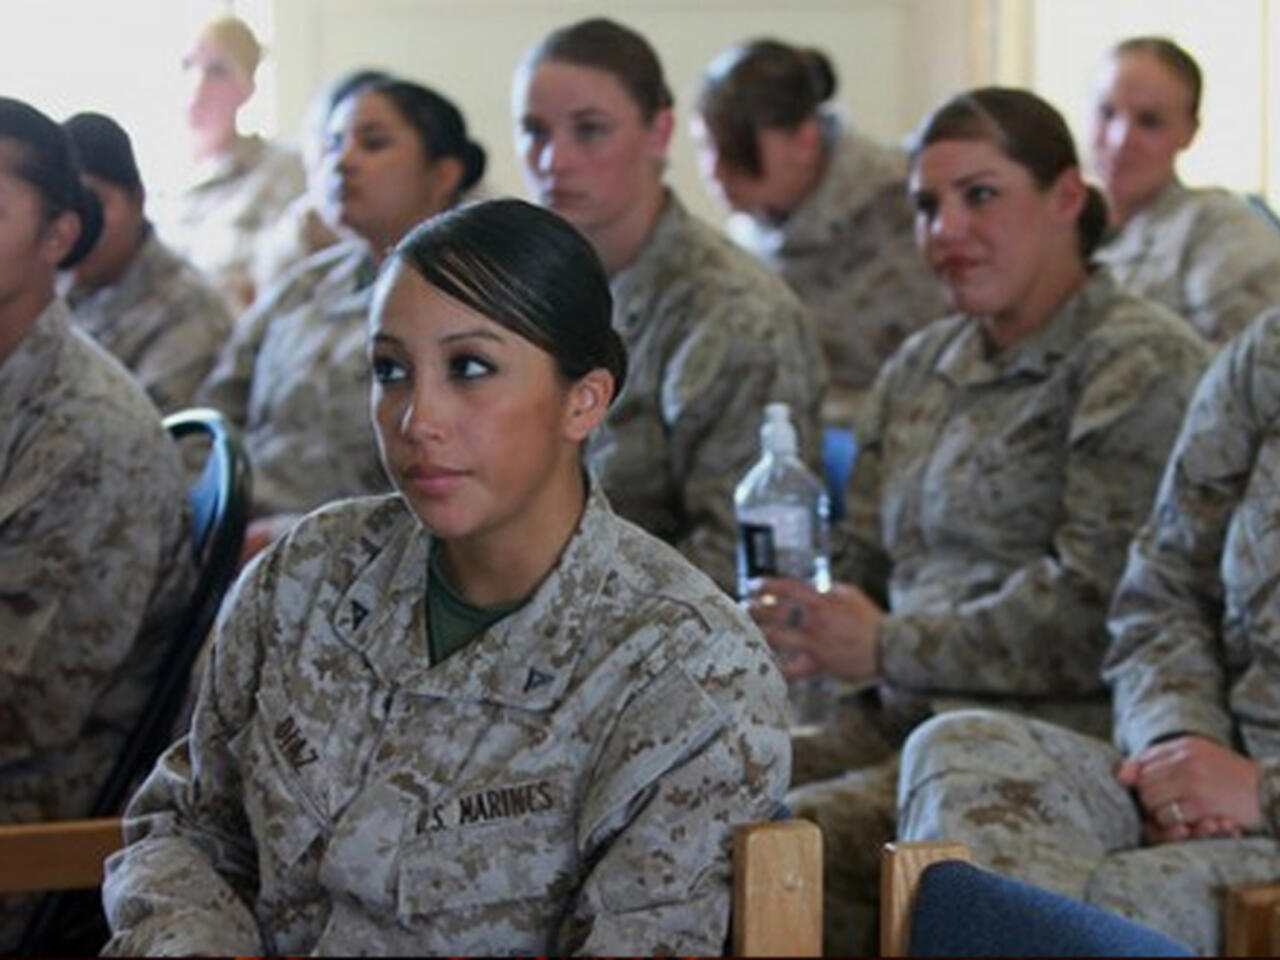 الجيش الأمريكي سيرقي 22 امرأة إلى رتبة ضابط لأول مرة في تاريخه